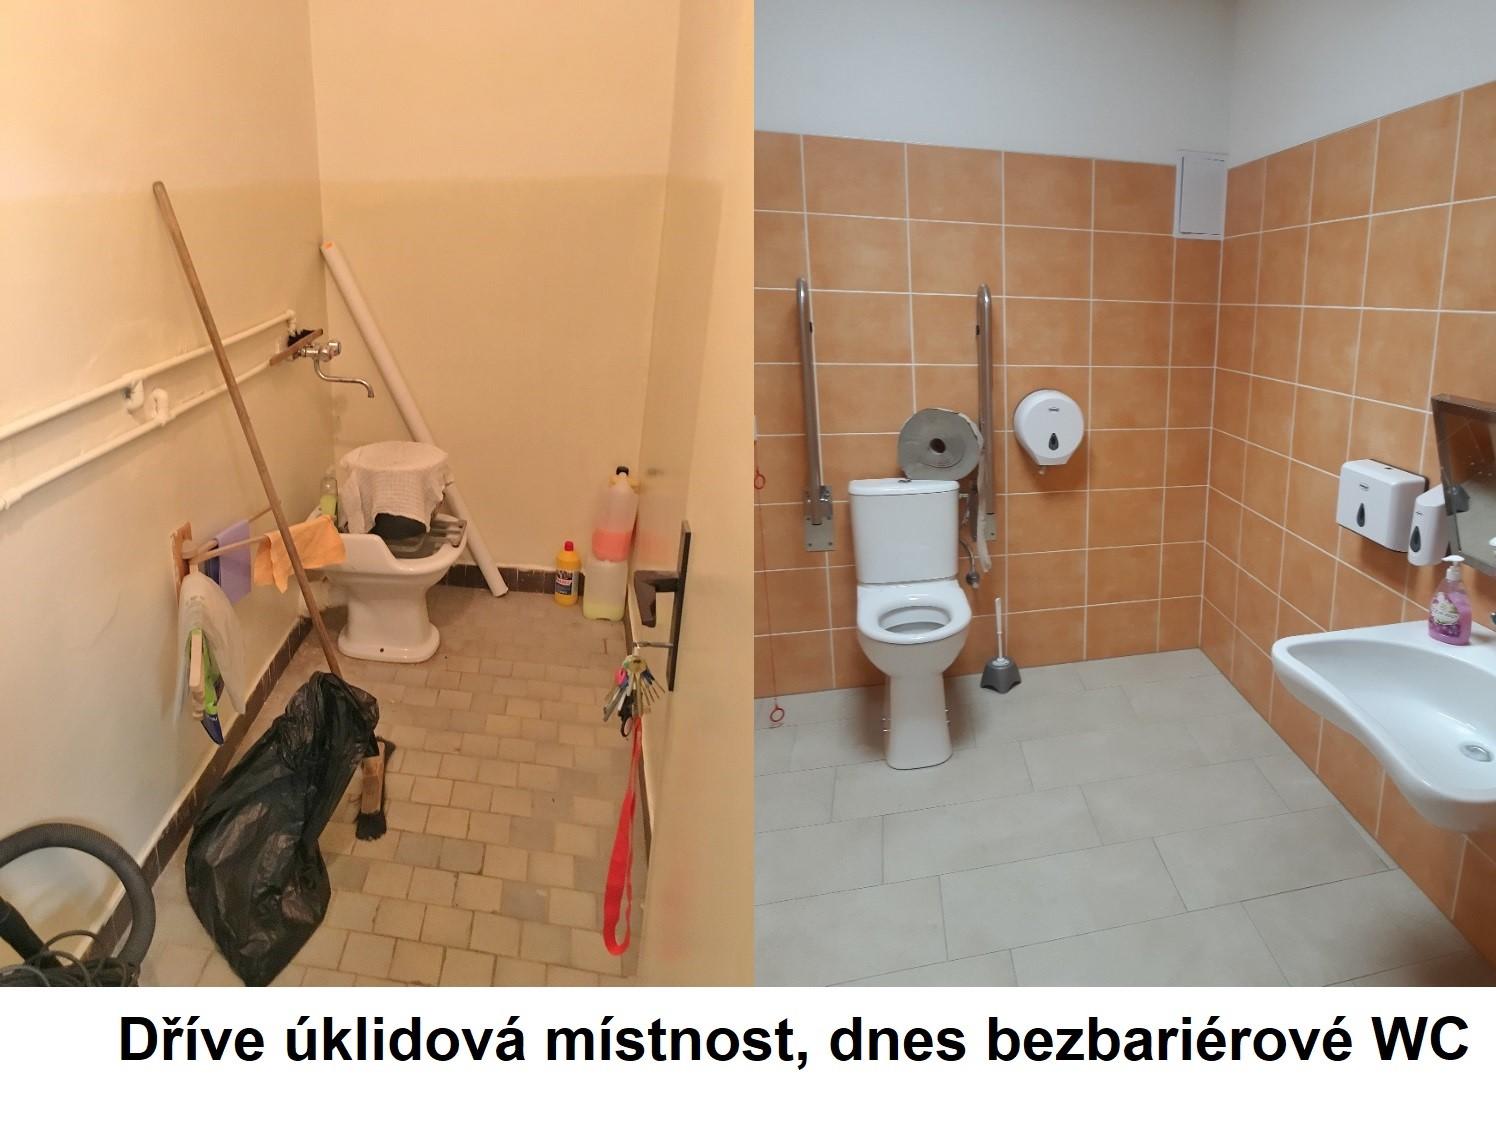 dříve úklidová místnost, dnes bezbariérové wc